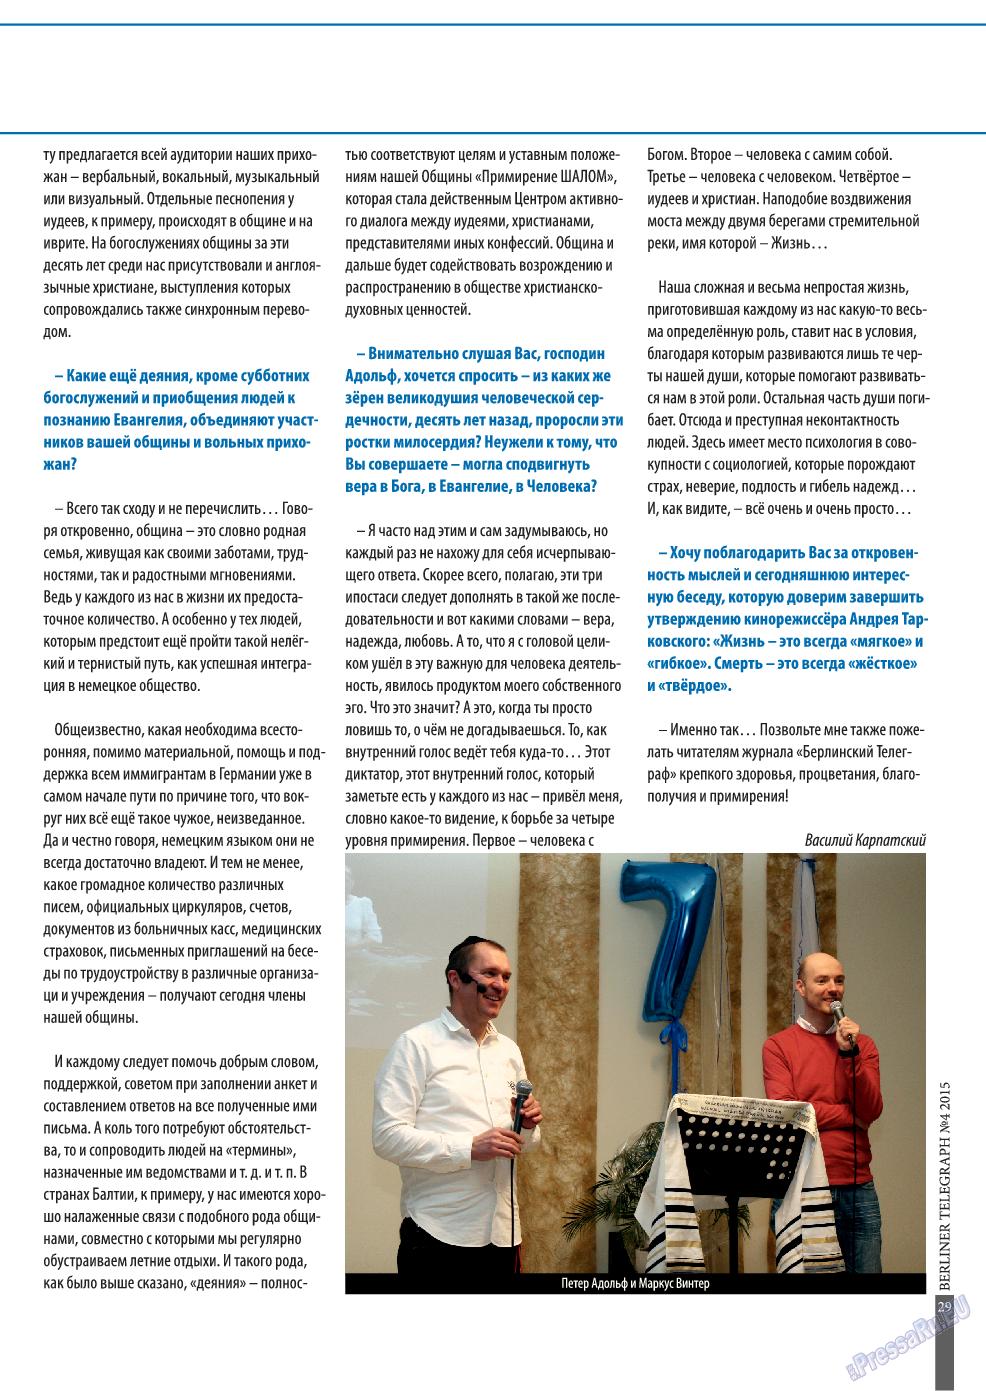 Берлинский телеграф (журнал). 2015 год, номер 4, стр. 29